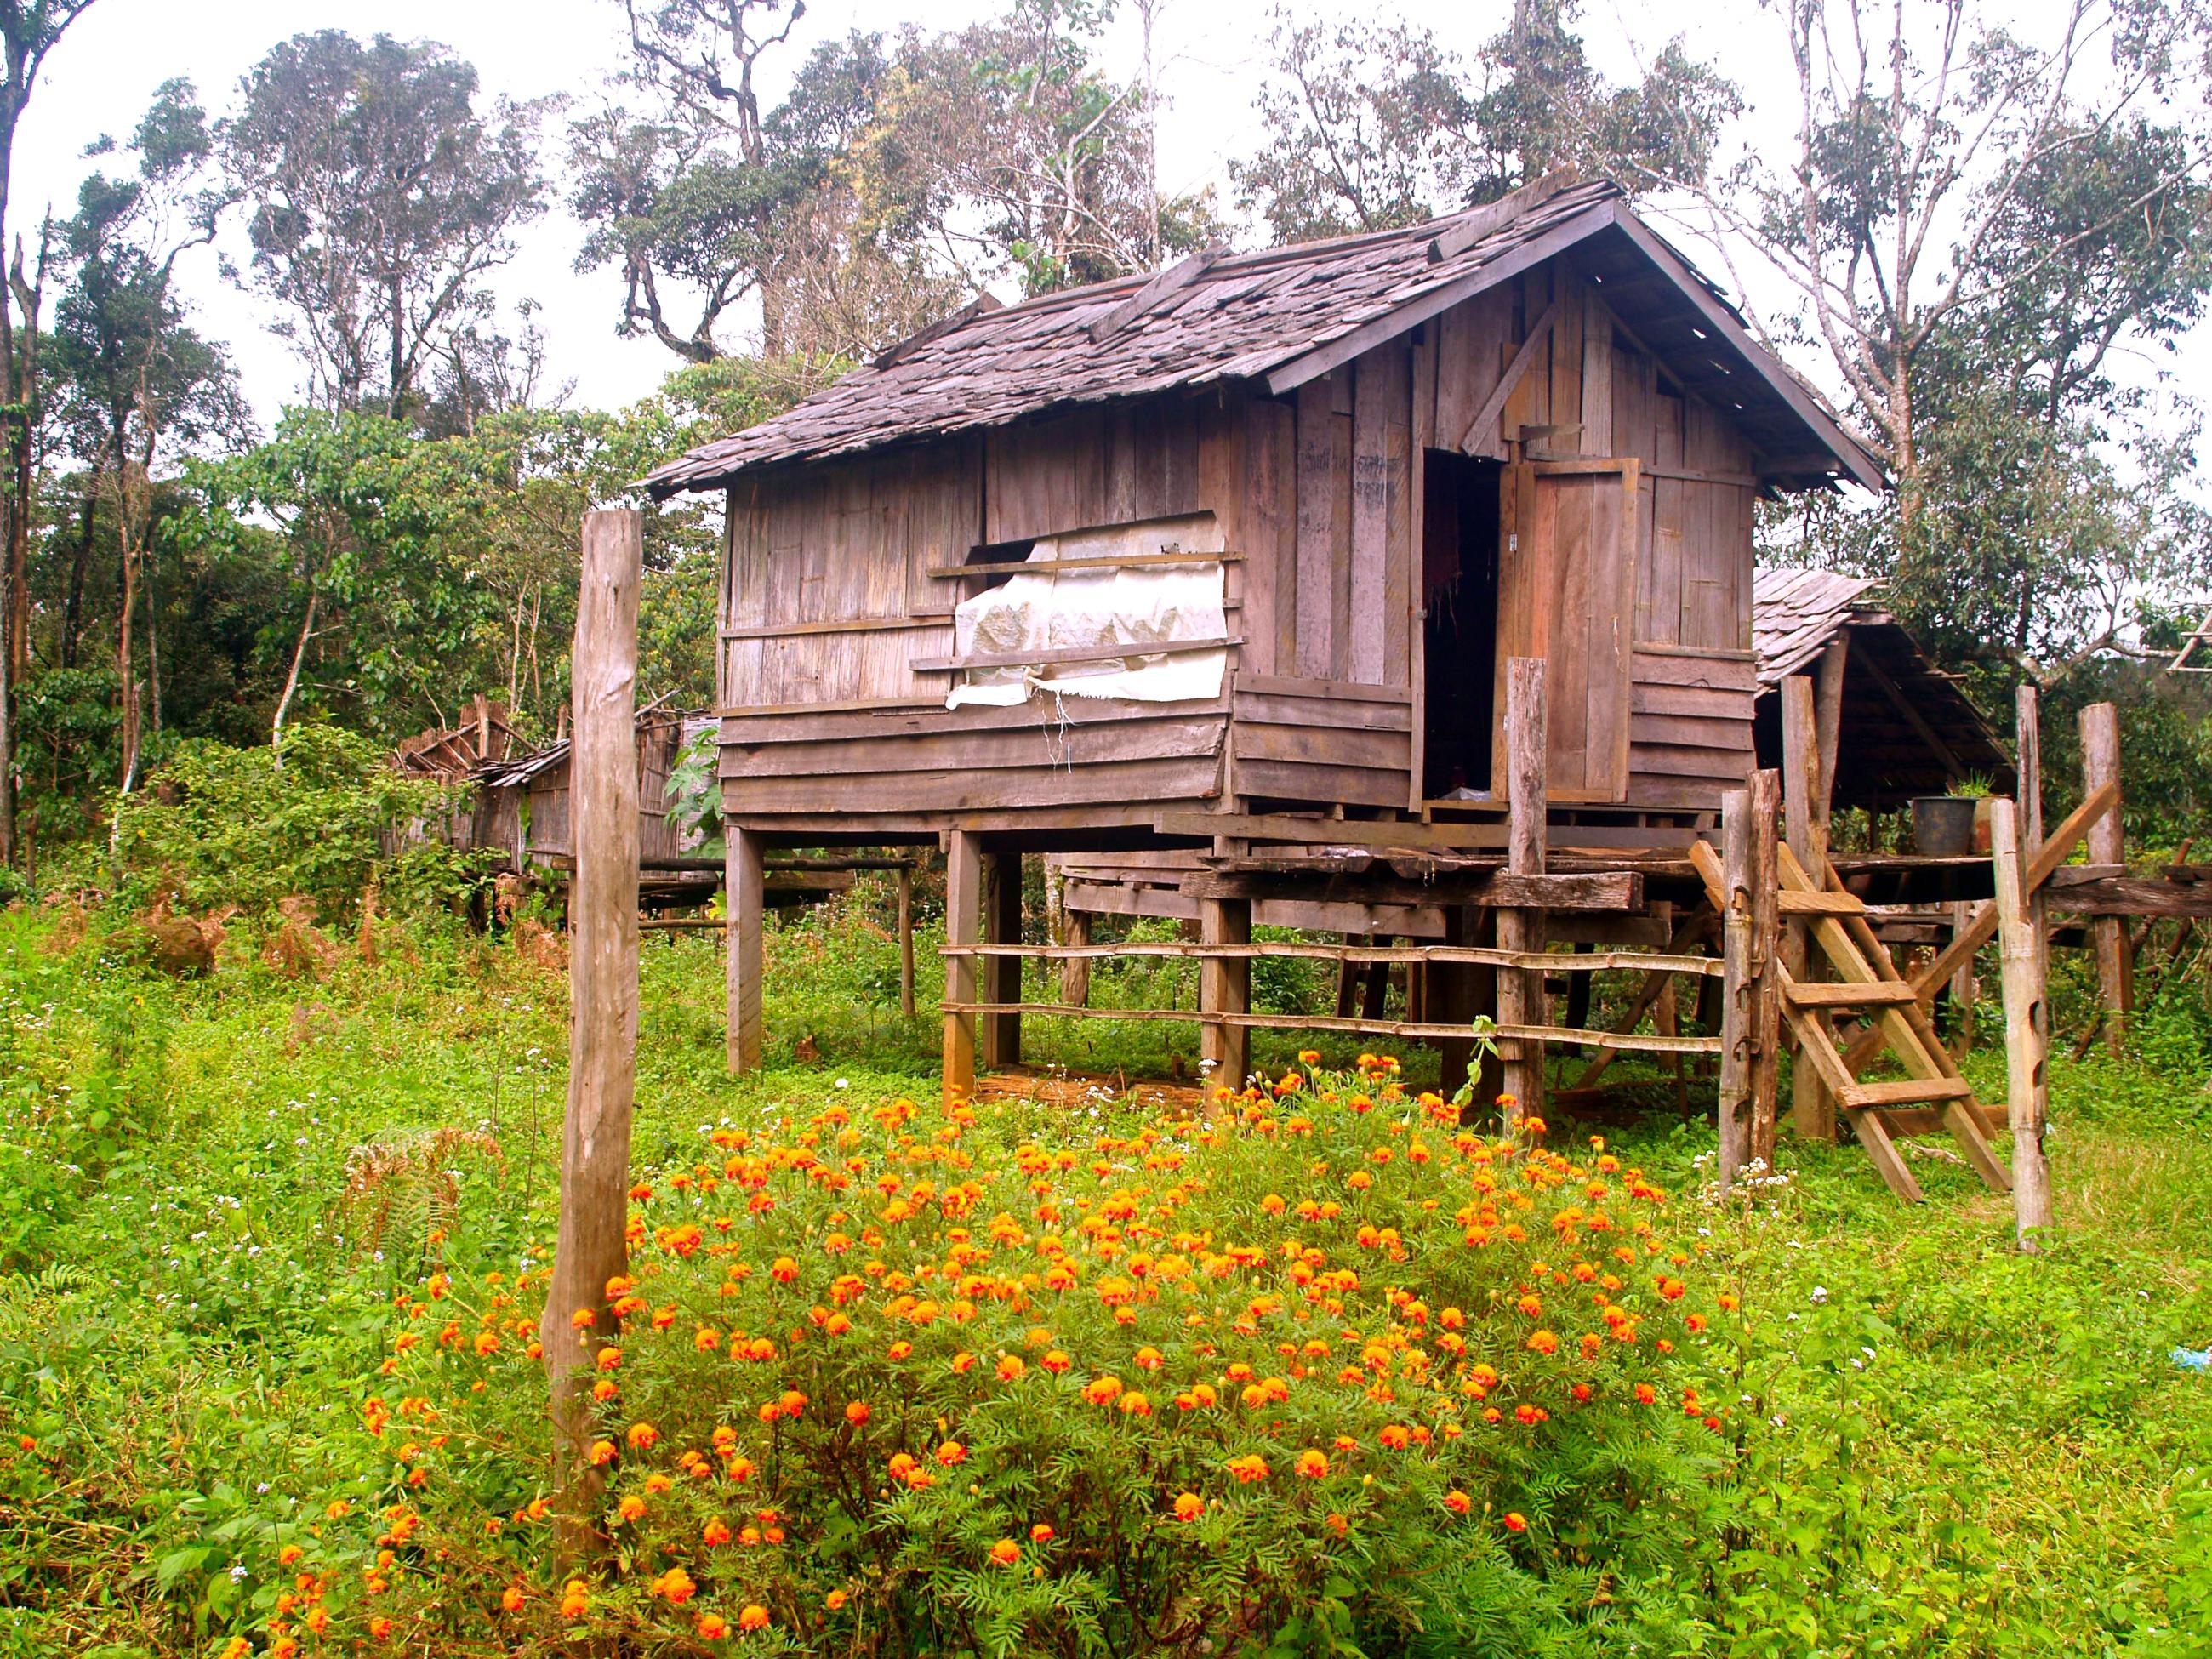 Crannog for Log cabin homes on stilts